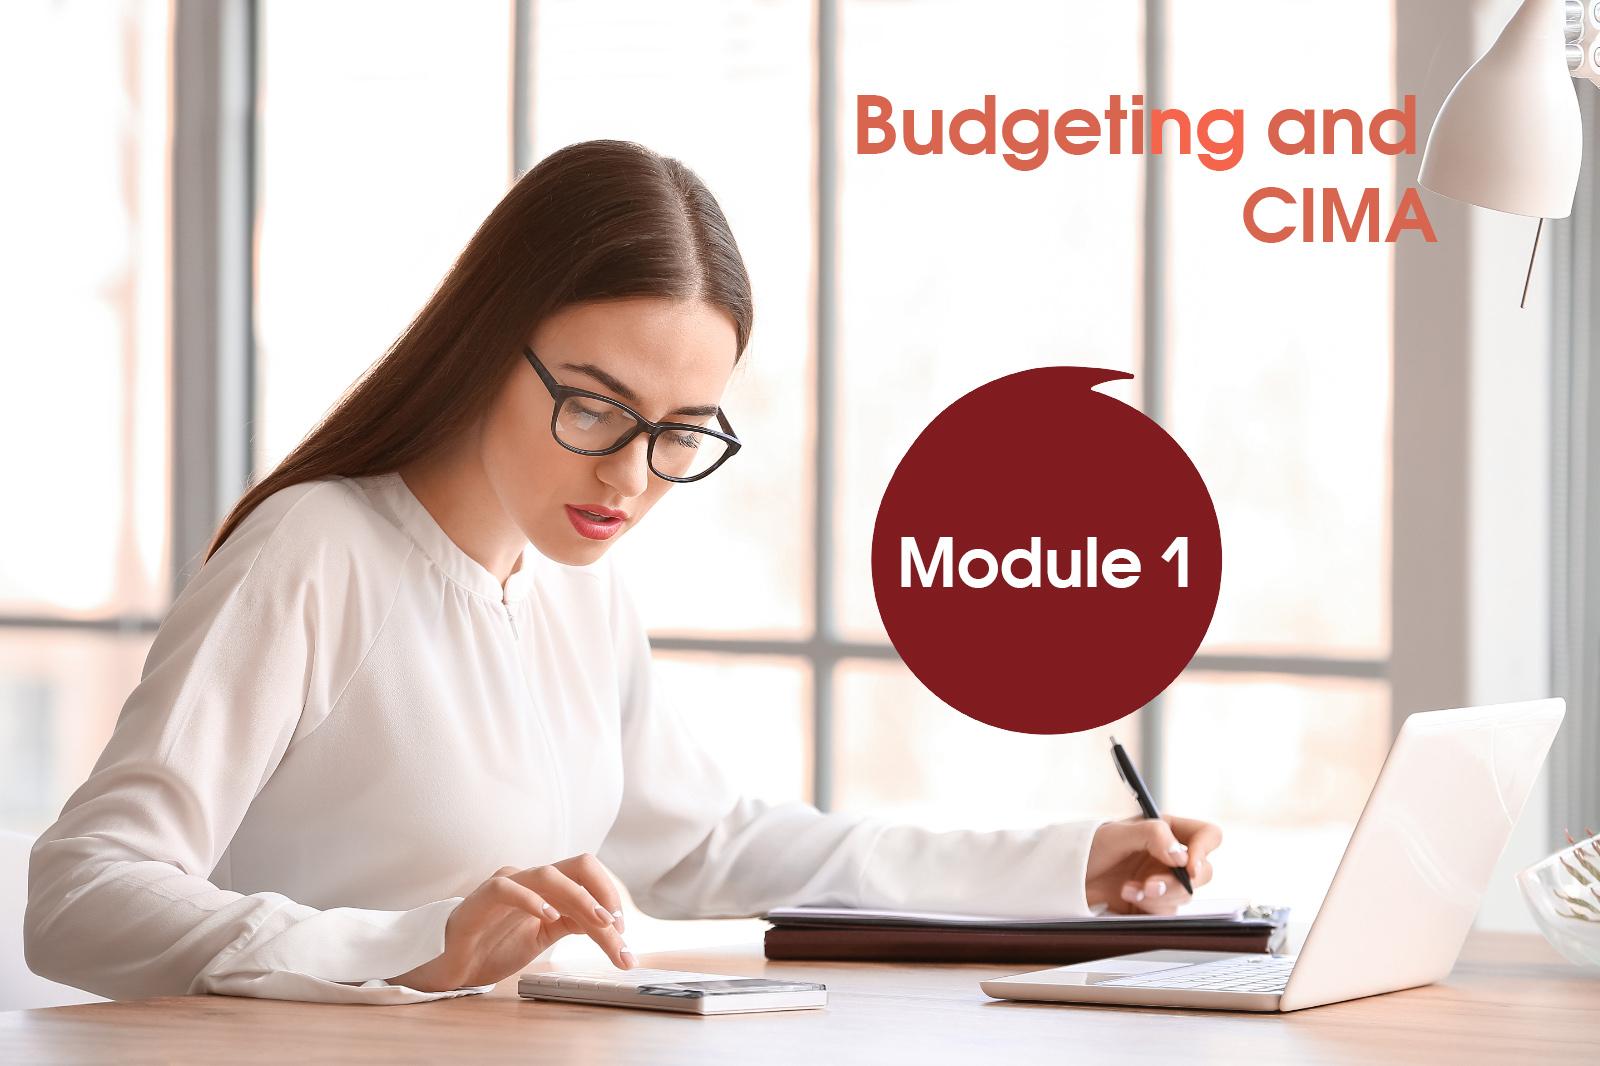 Фінансова англійська для CIMA, управлінський облік Модуль 1